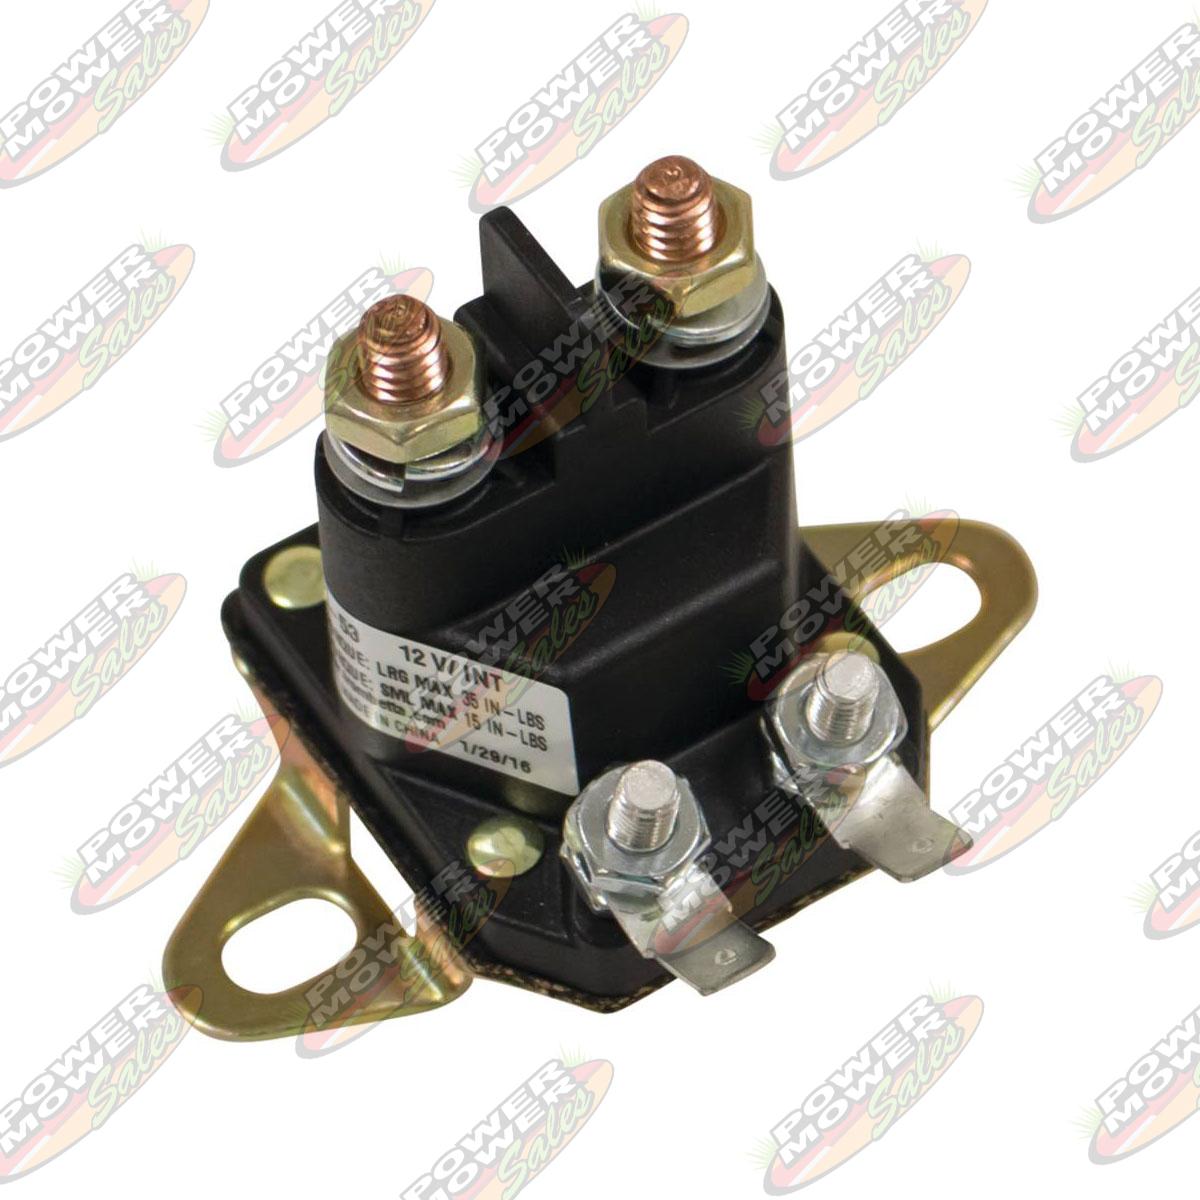 Toro Starter Solenoid 12 Volt Wiring Diagram Ss5000 Power Mower Sales 1200x1200